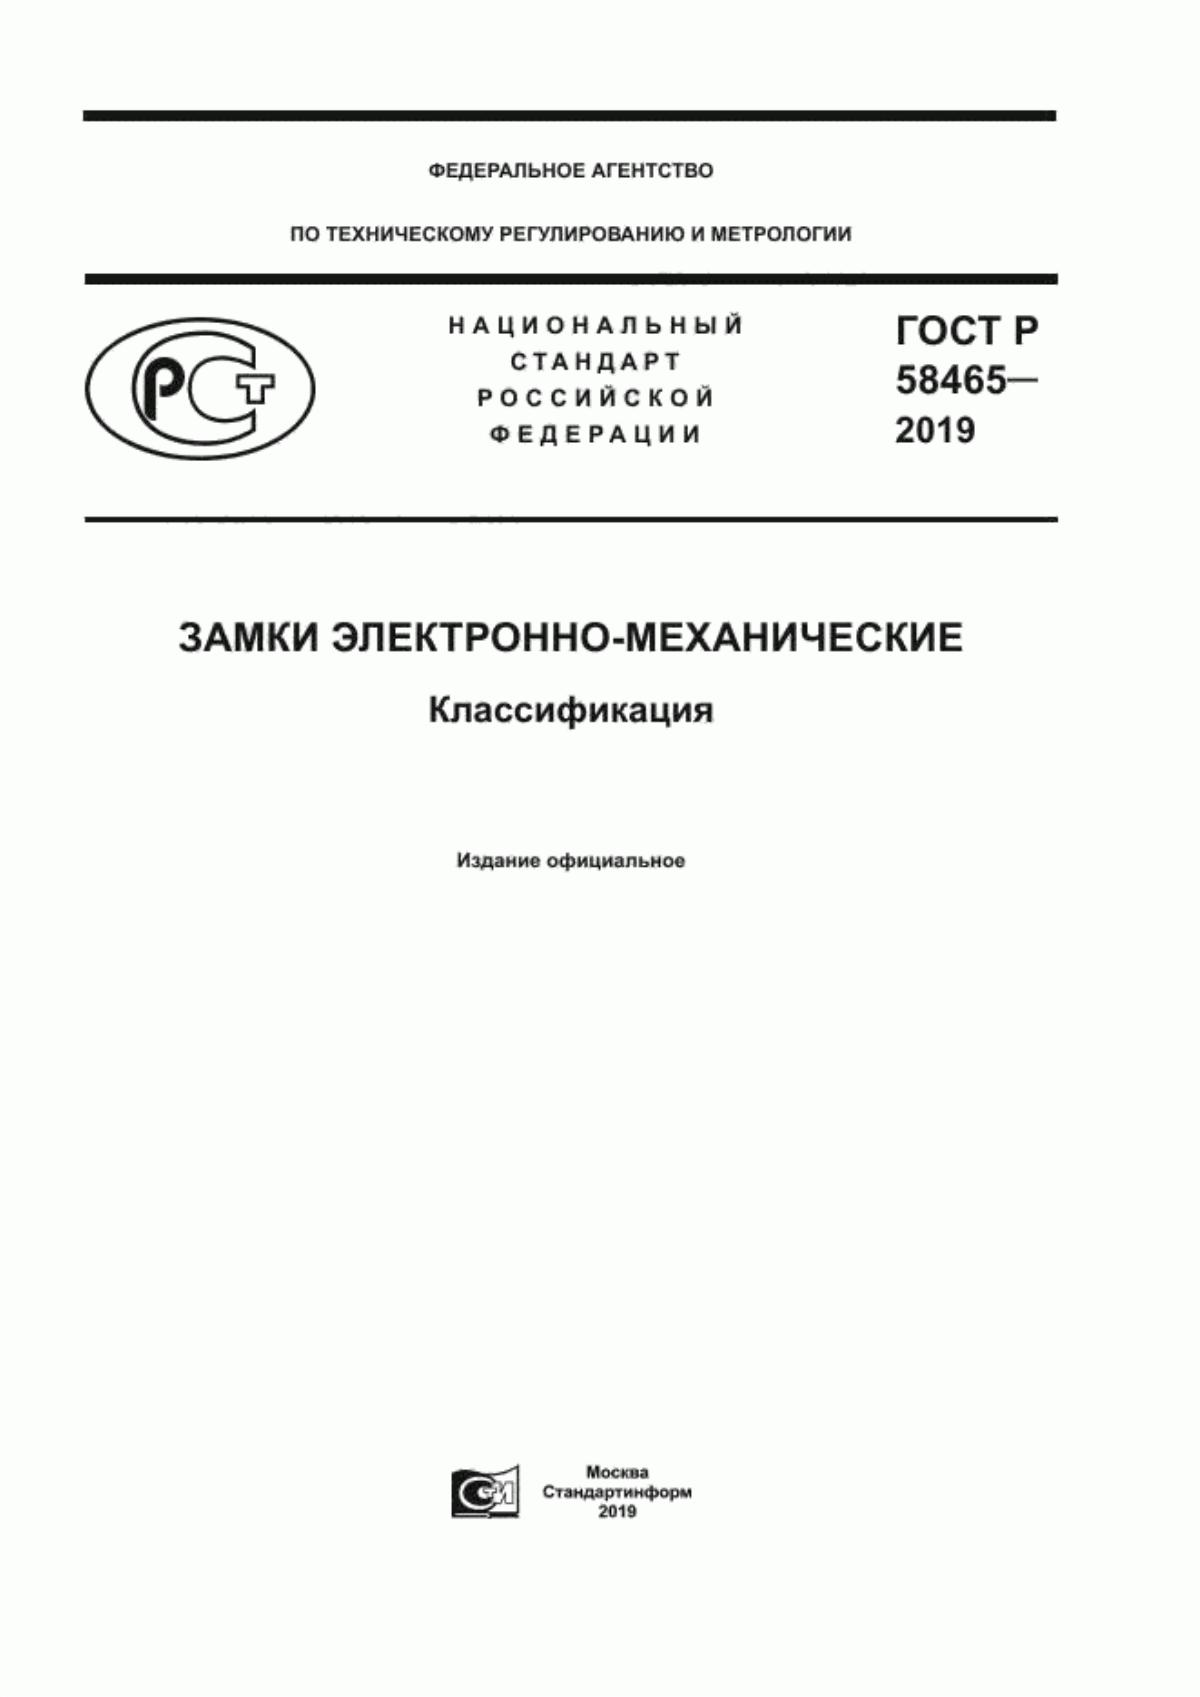 Гост р 51072-2005 двери защитные. общие технические требования и методы испытаний на устойчивость к взлому, пулестойкость и огнестойкость (с изменением n 1)